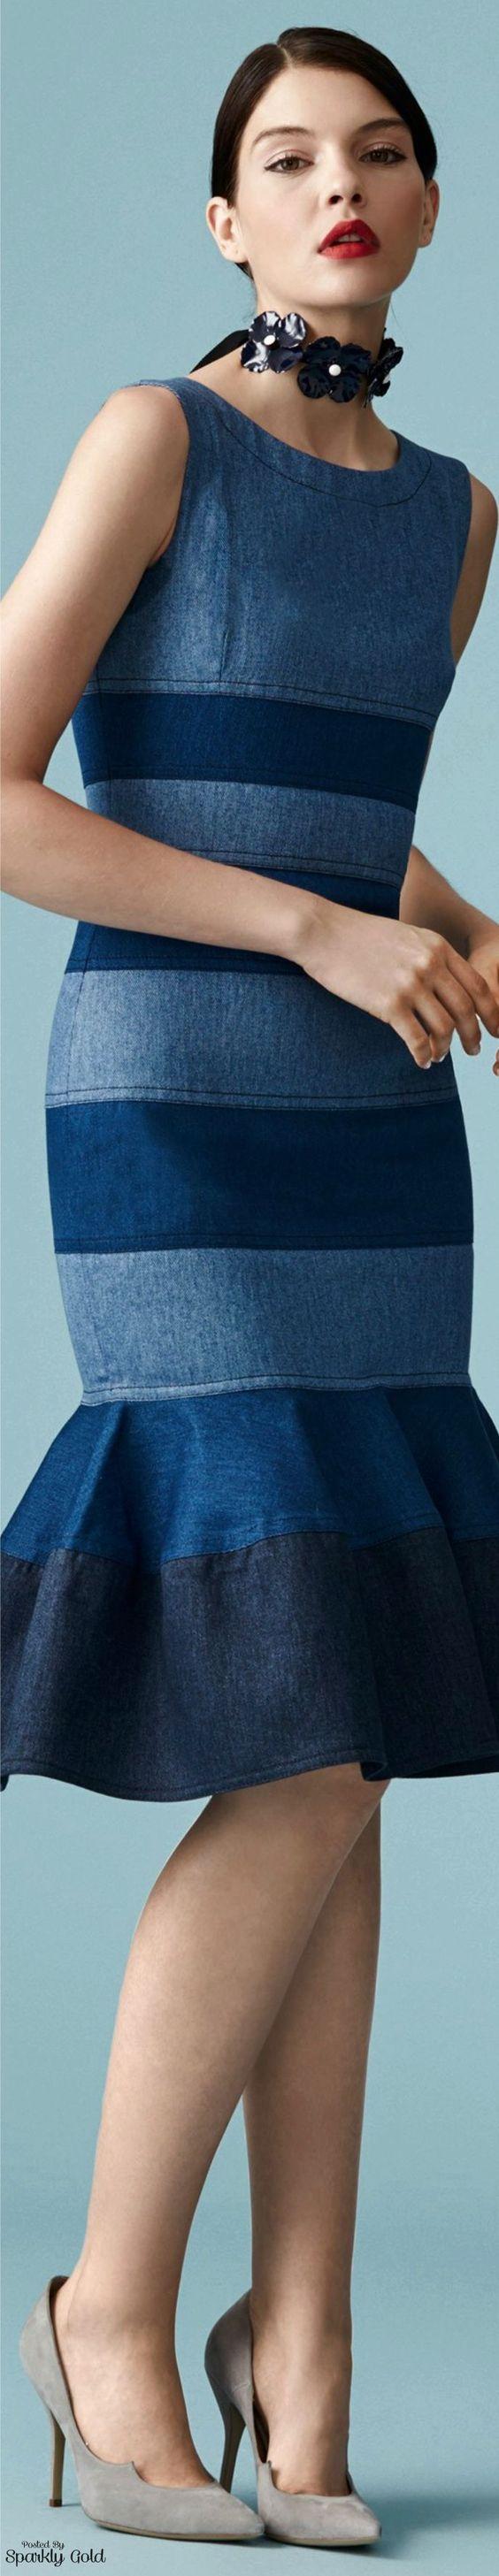 modelos-vestidos-jeans-7